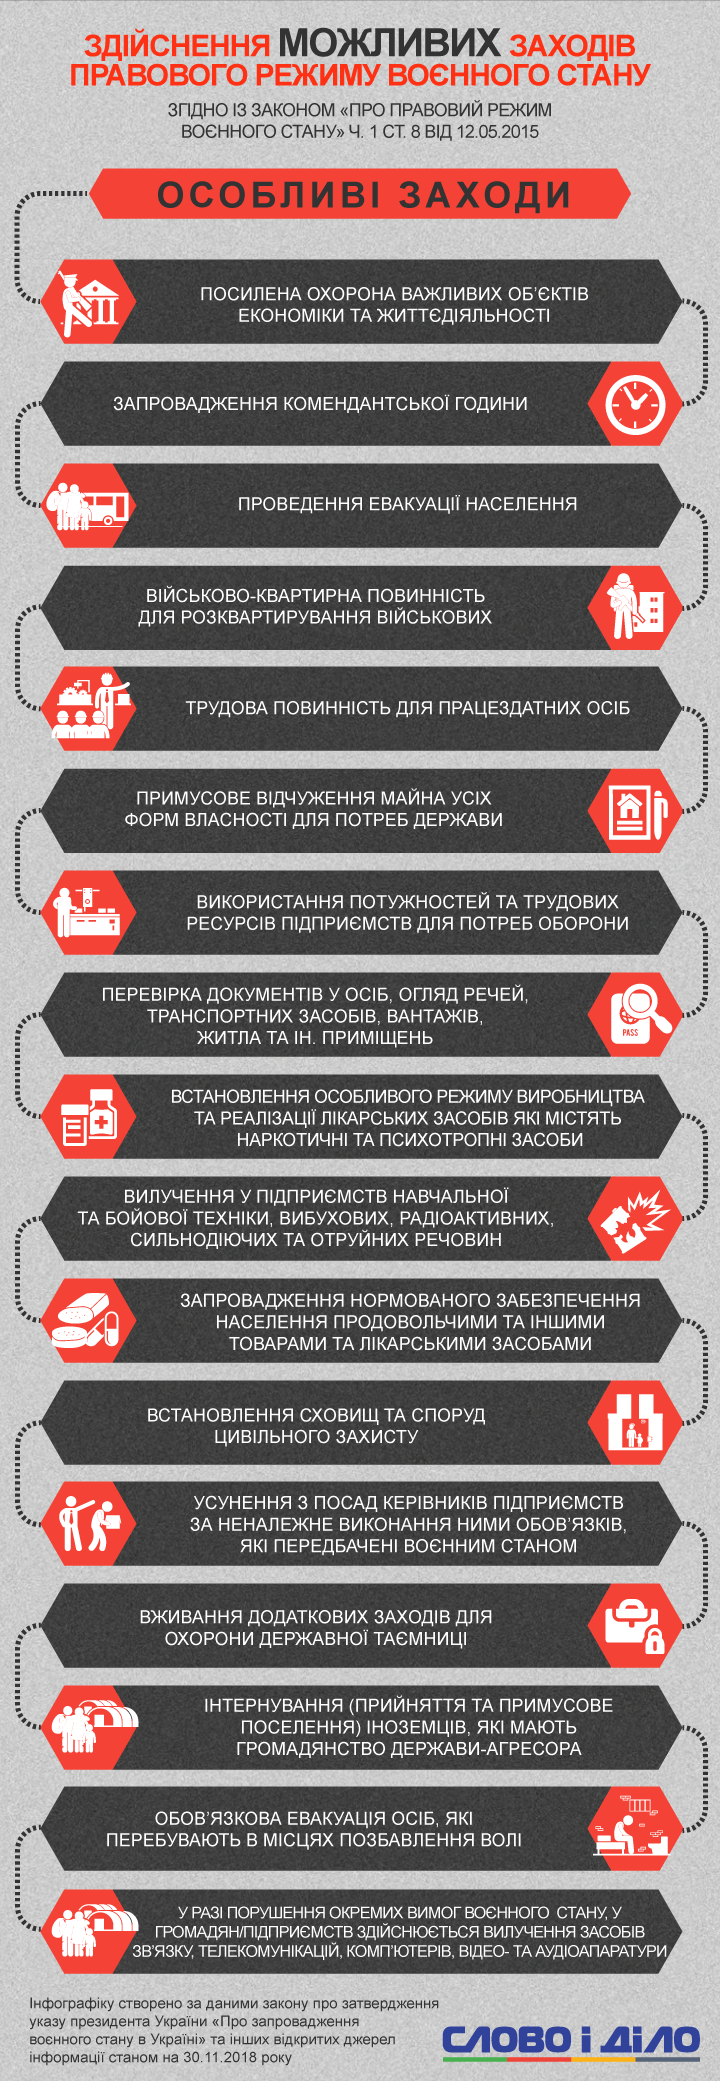 Воєнний стан діє в десяти областях України до 26 грудня. Поки жодні права та свободи українців не обмежували.